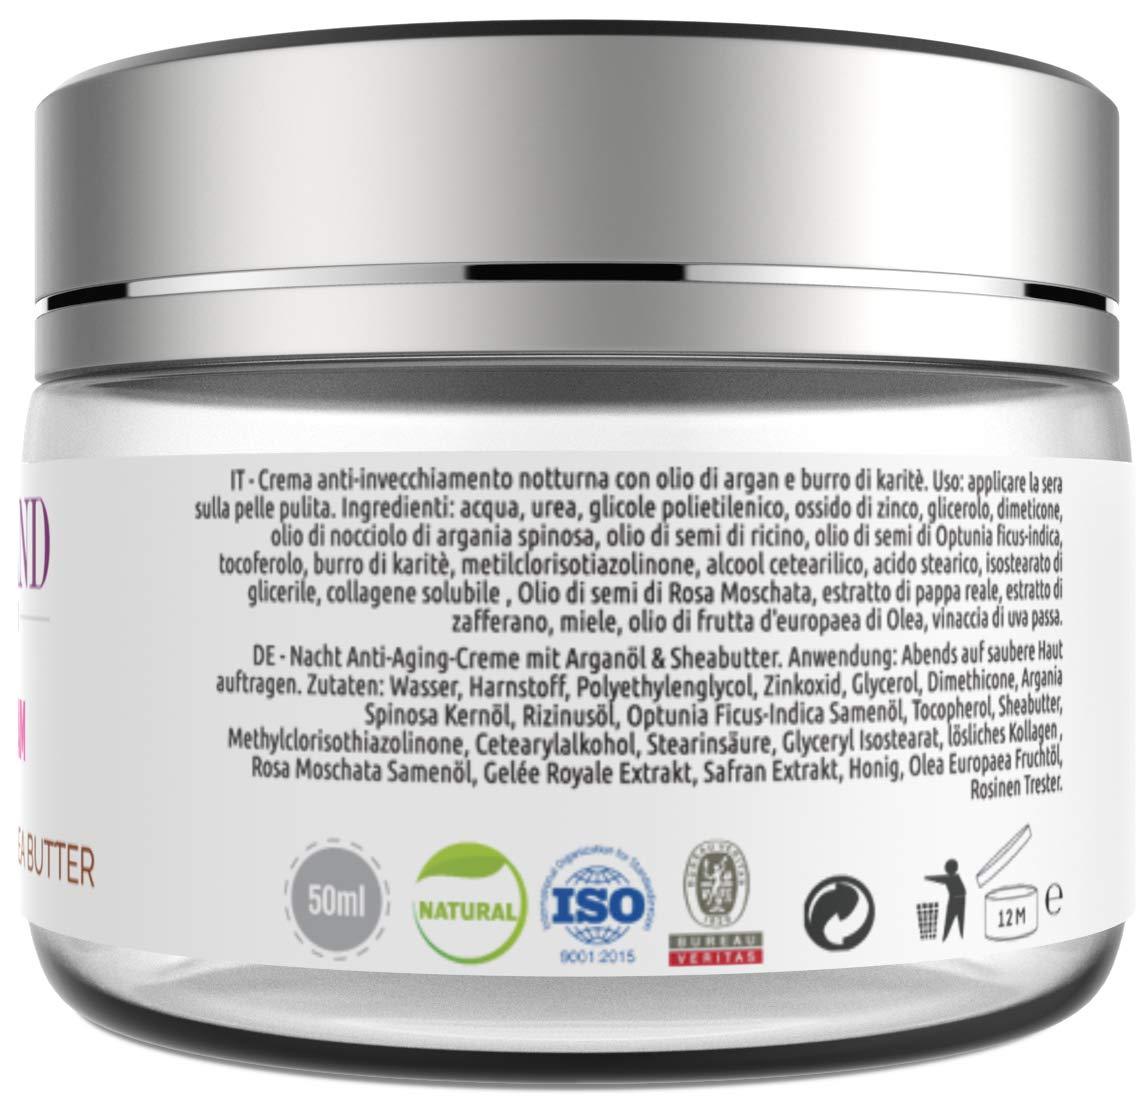 Crema Facial Antiarrugas y Antienvejecimiento con Aceite de Argán Orgánico 100% Marroquí y Manteca de Karité para Día y Noche (Original de Marruecos) 50 ml